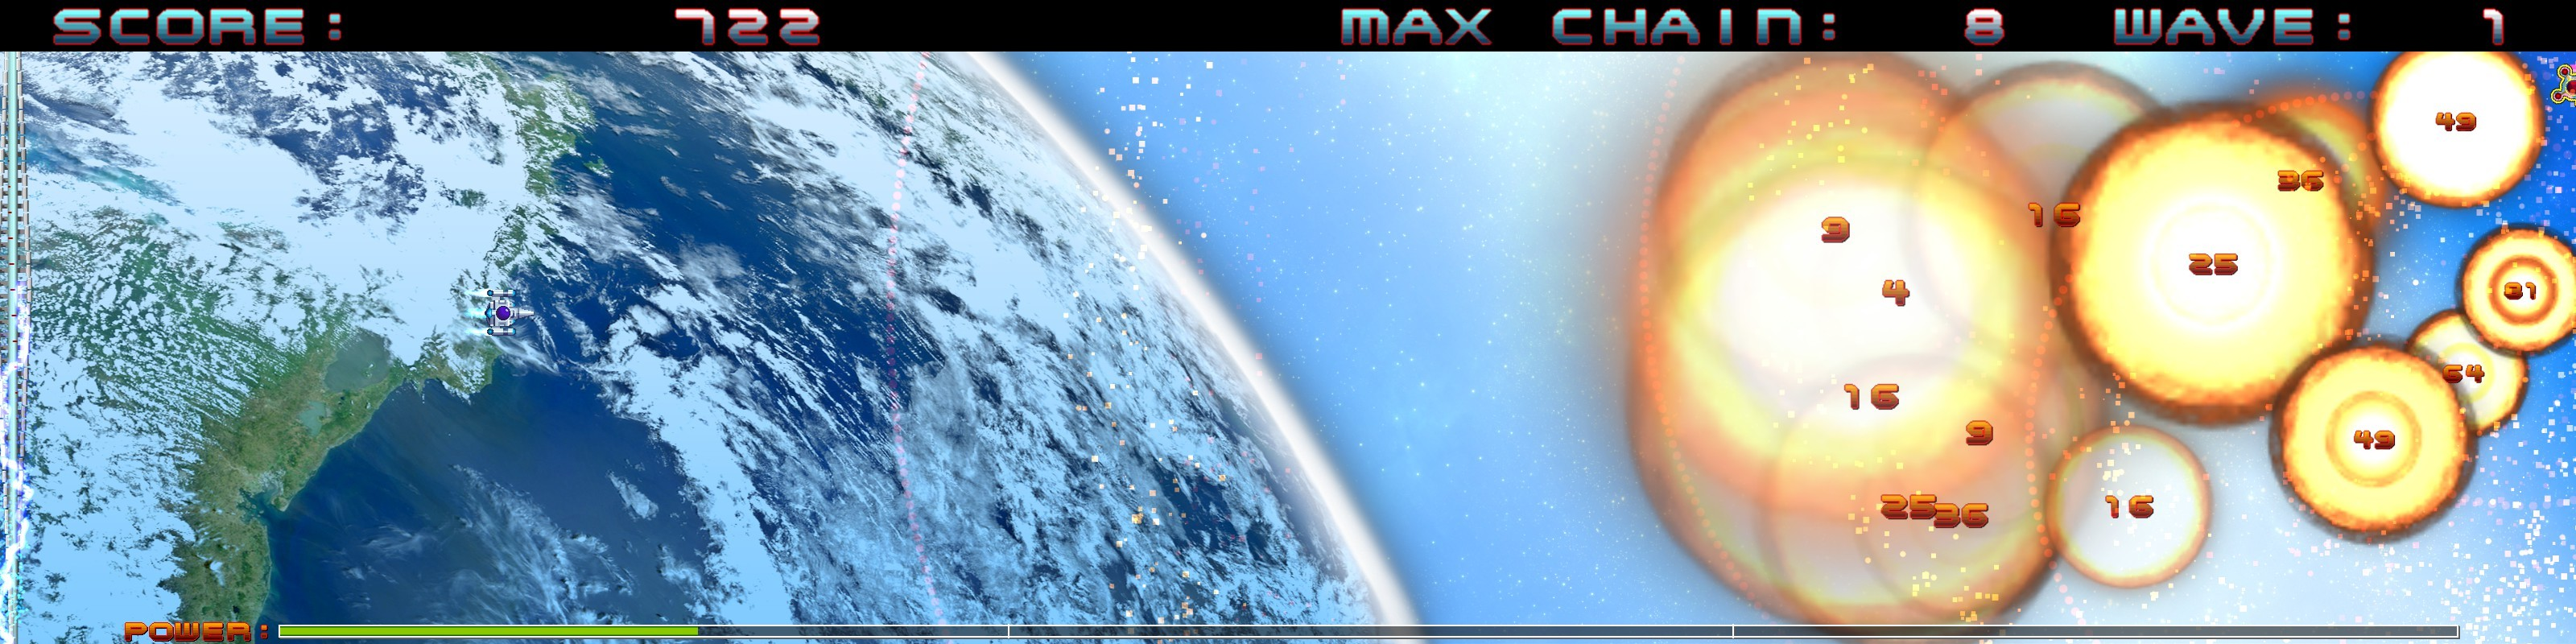 f:id:BCC:20121006211304j:image:w480